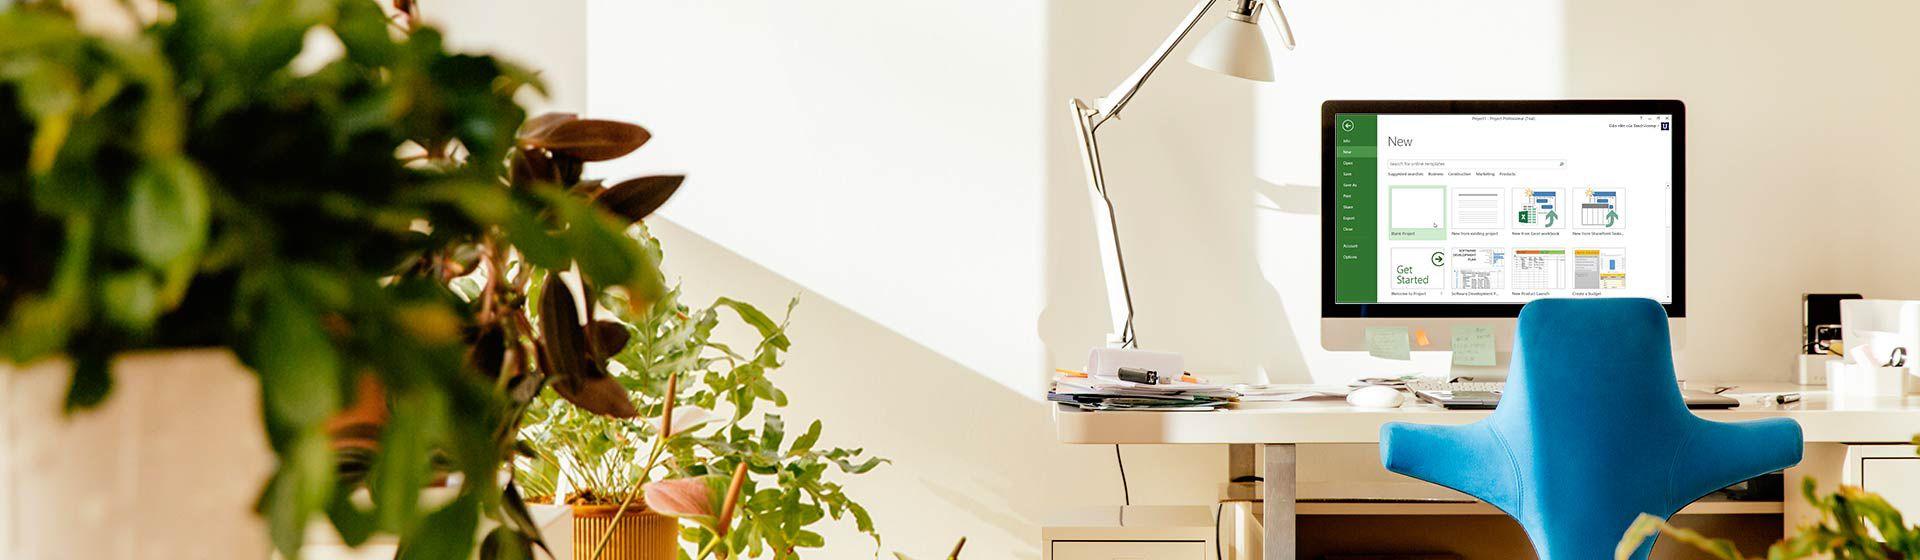 Một chiếc bàn với màn hình máy tính hiển thị cửa sổ Dự án Mới trong Microsoft Project.